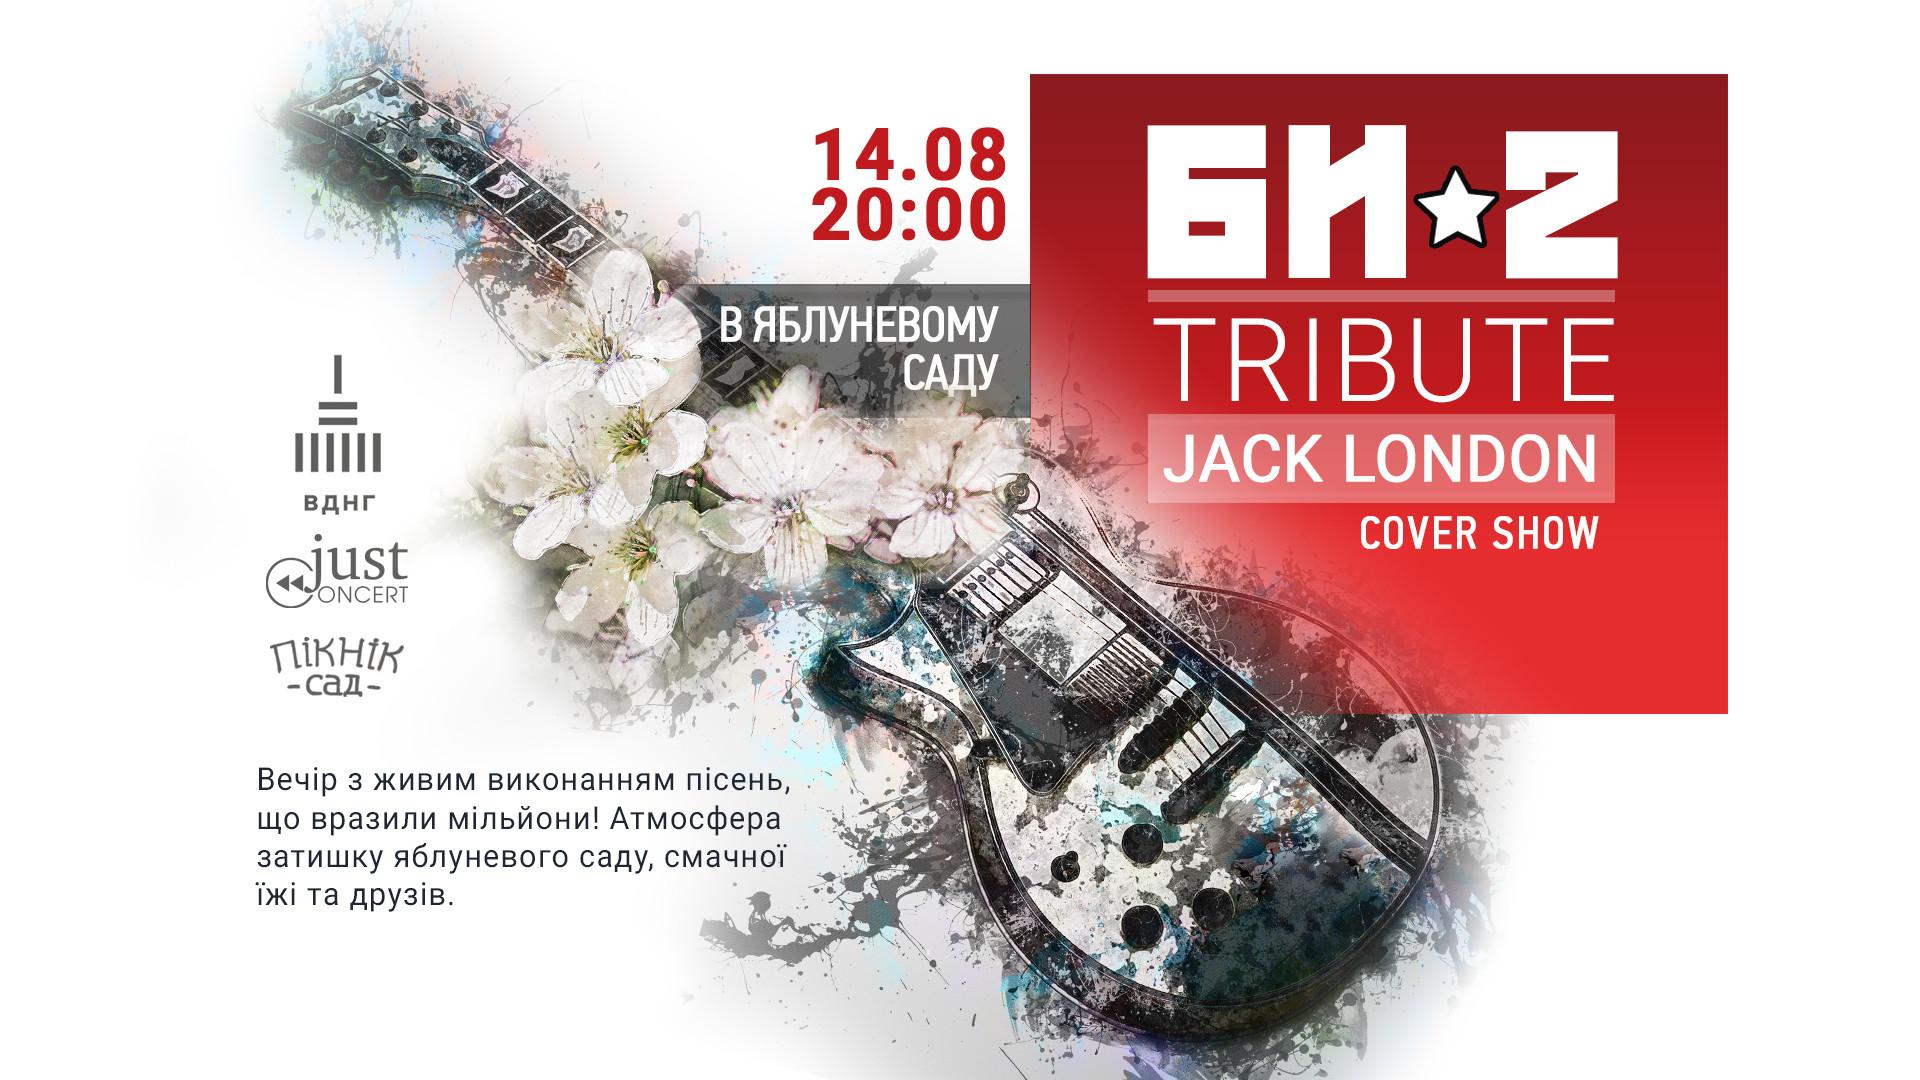 БИ2 Tribute Show